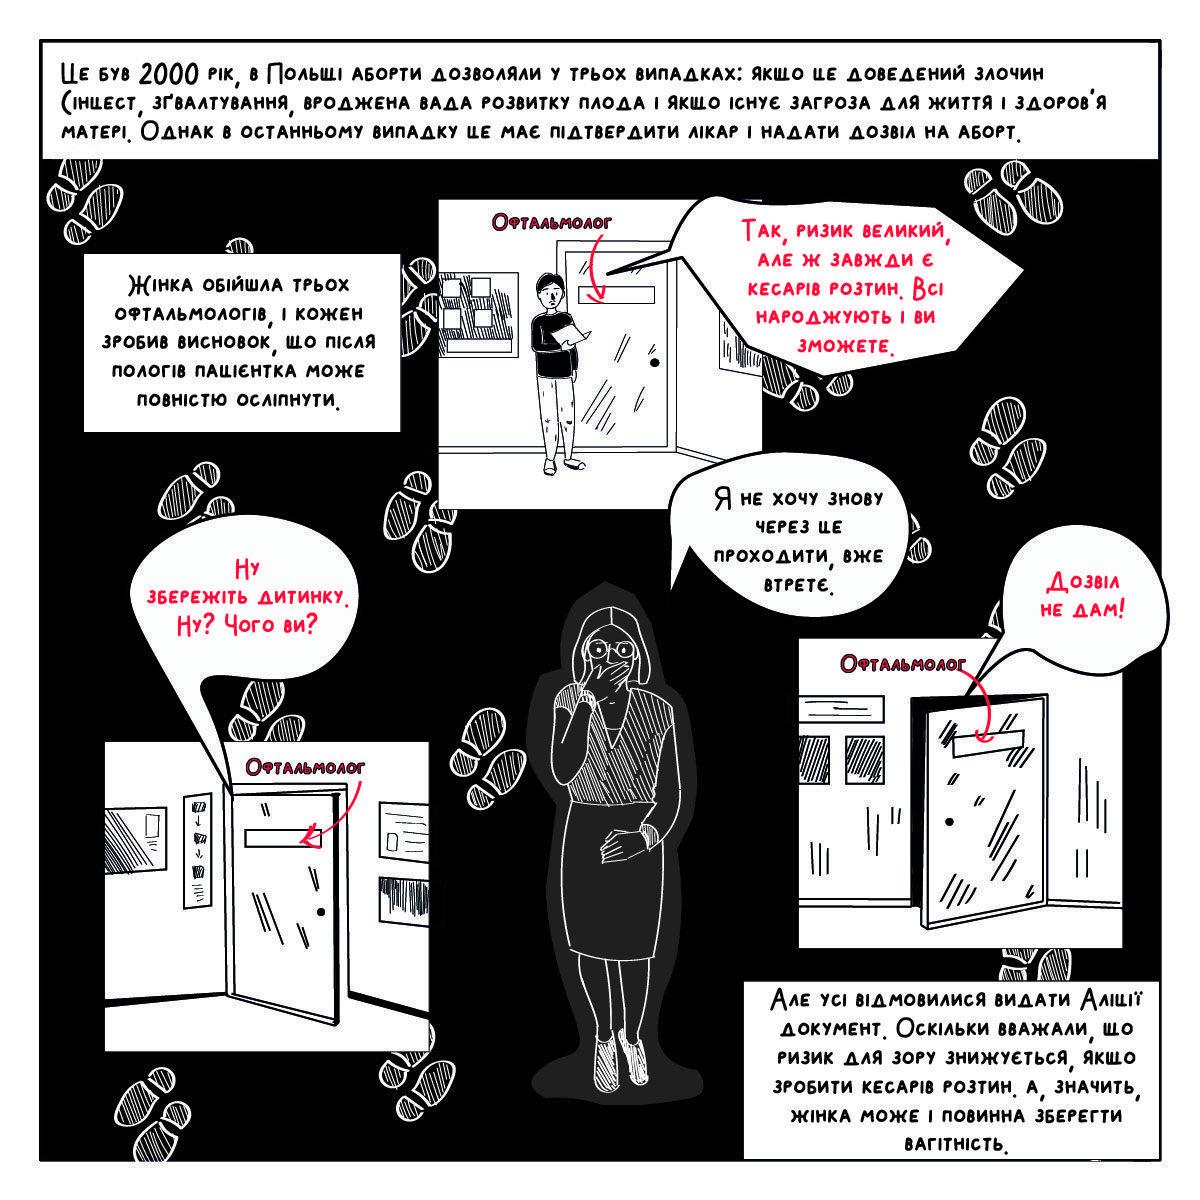 abortion in poland comics ua 02 - <b>Вам заборонені аборти.</b> Комікс Насті Оприщенко про те, як в Польщі обмежують права жінок - Заборона